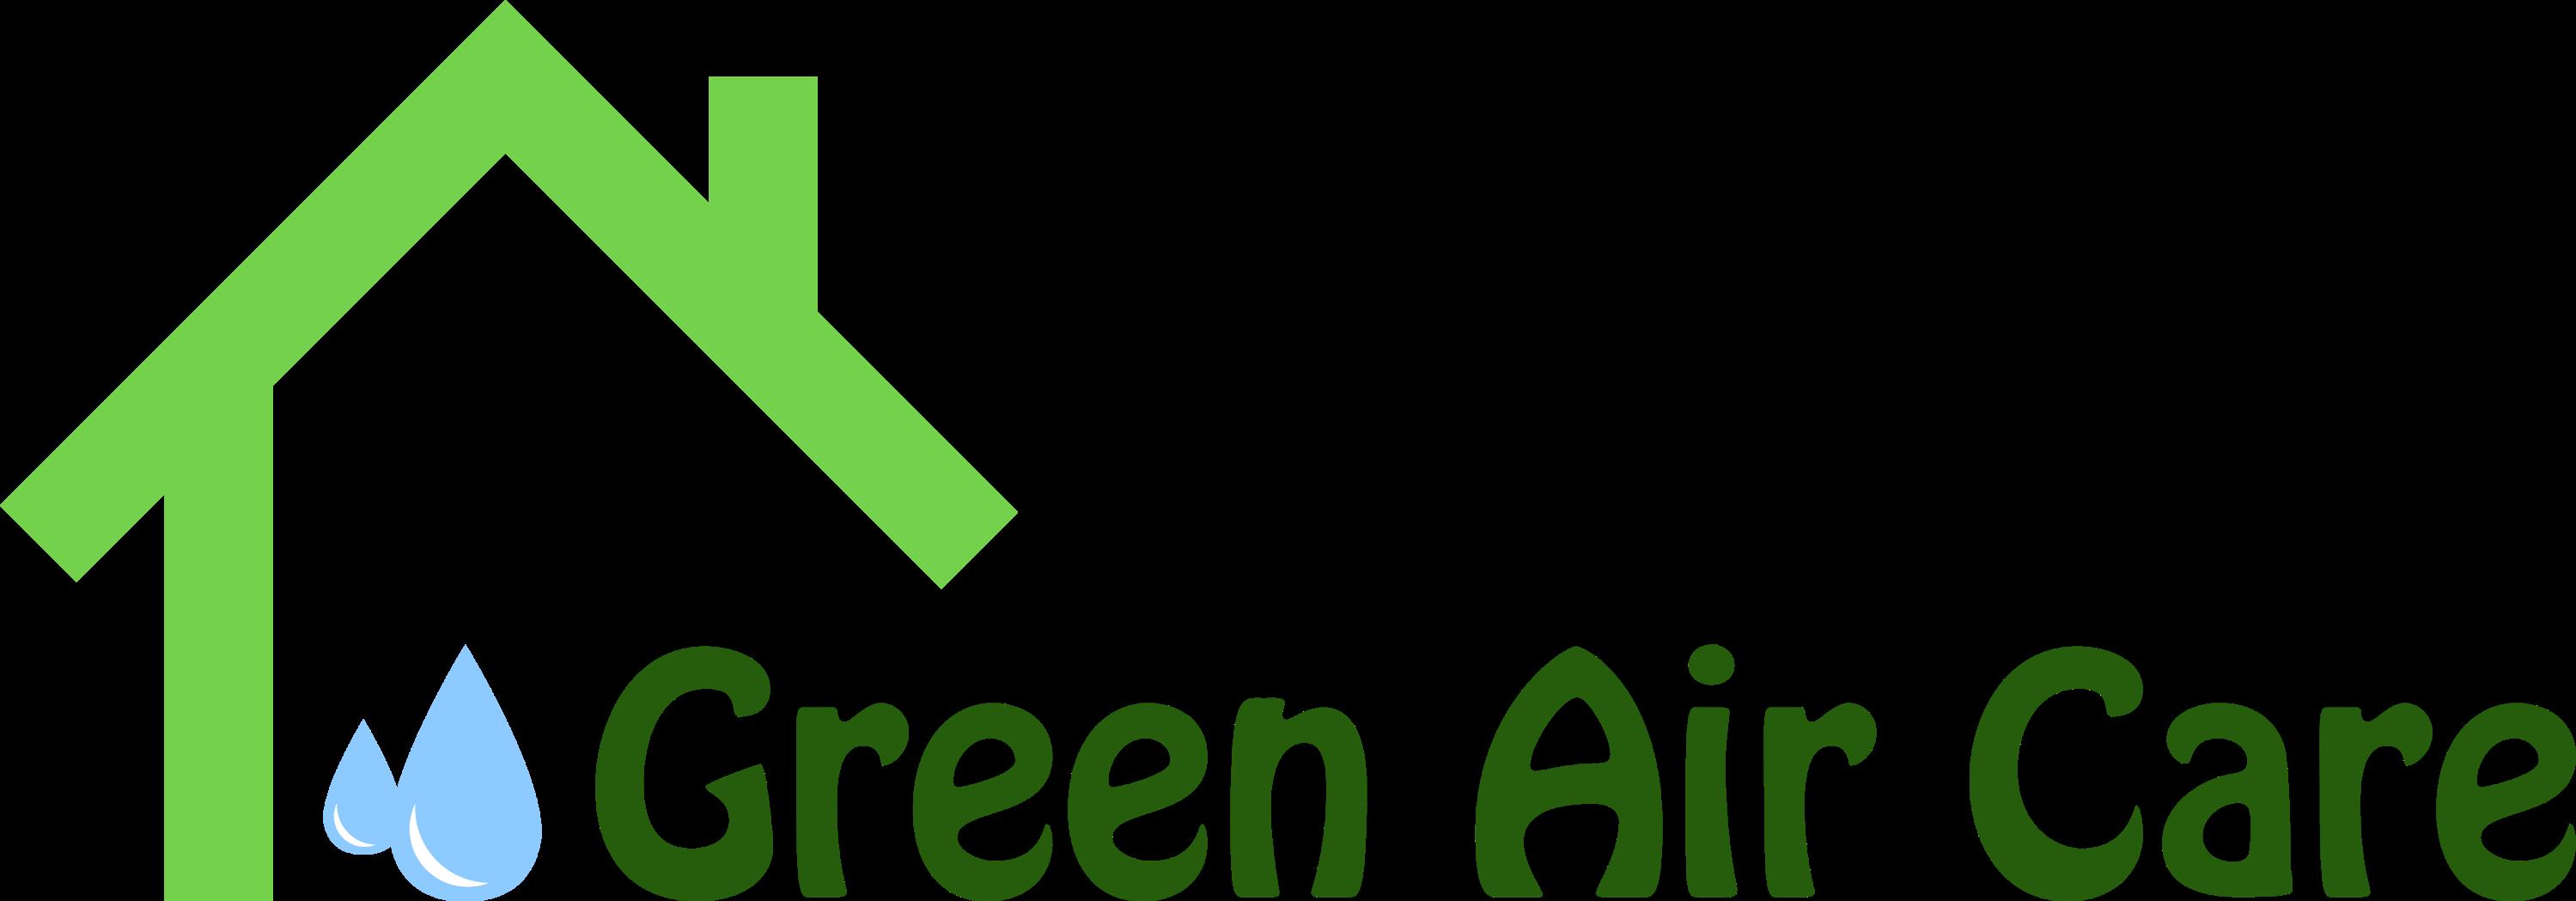 Green air care logo